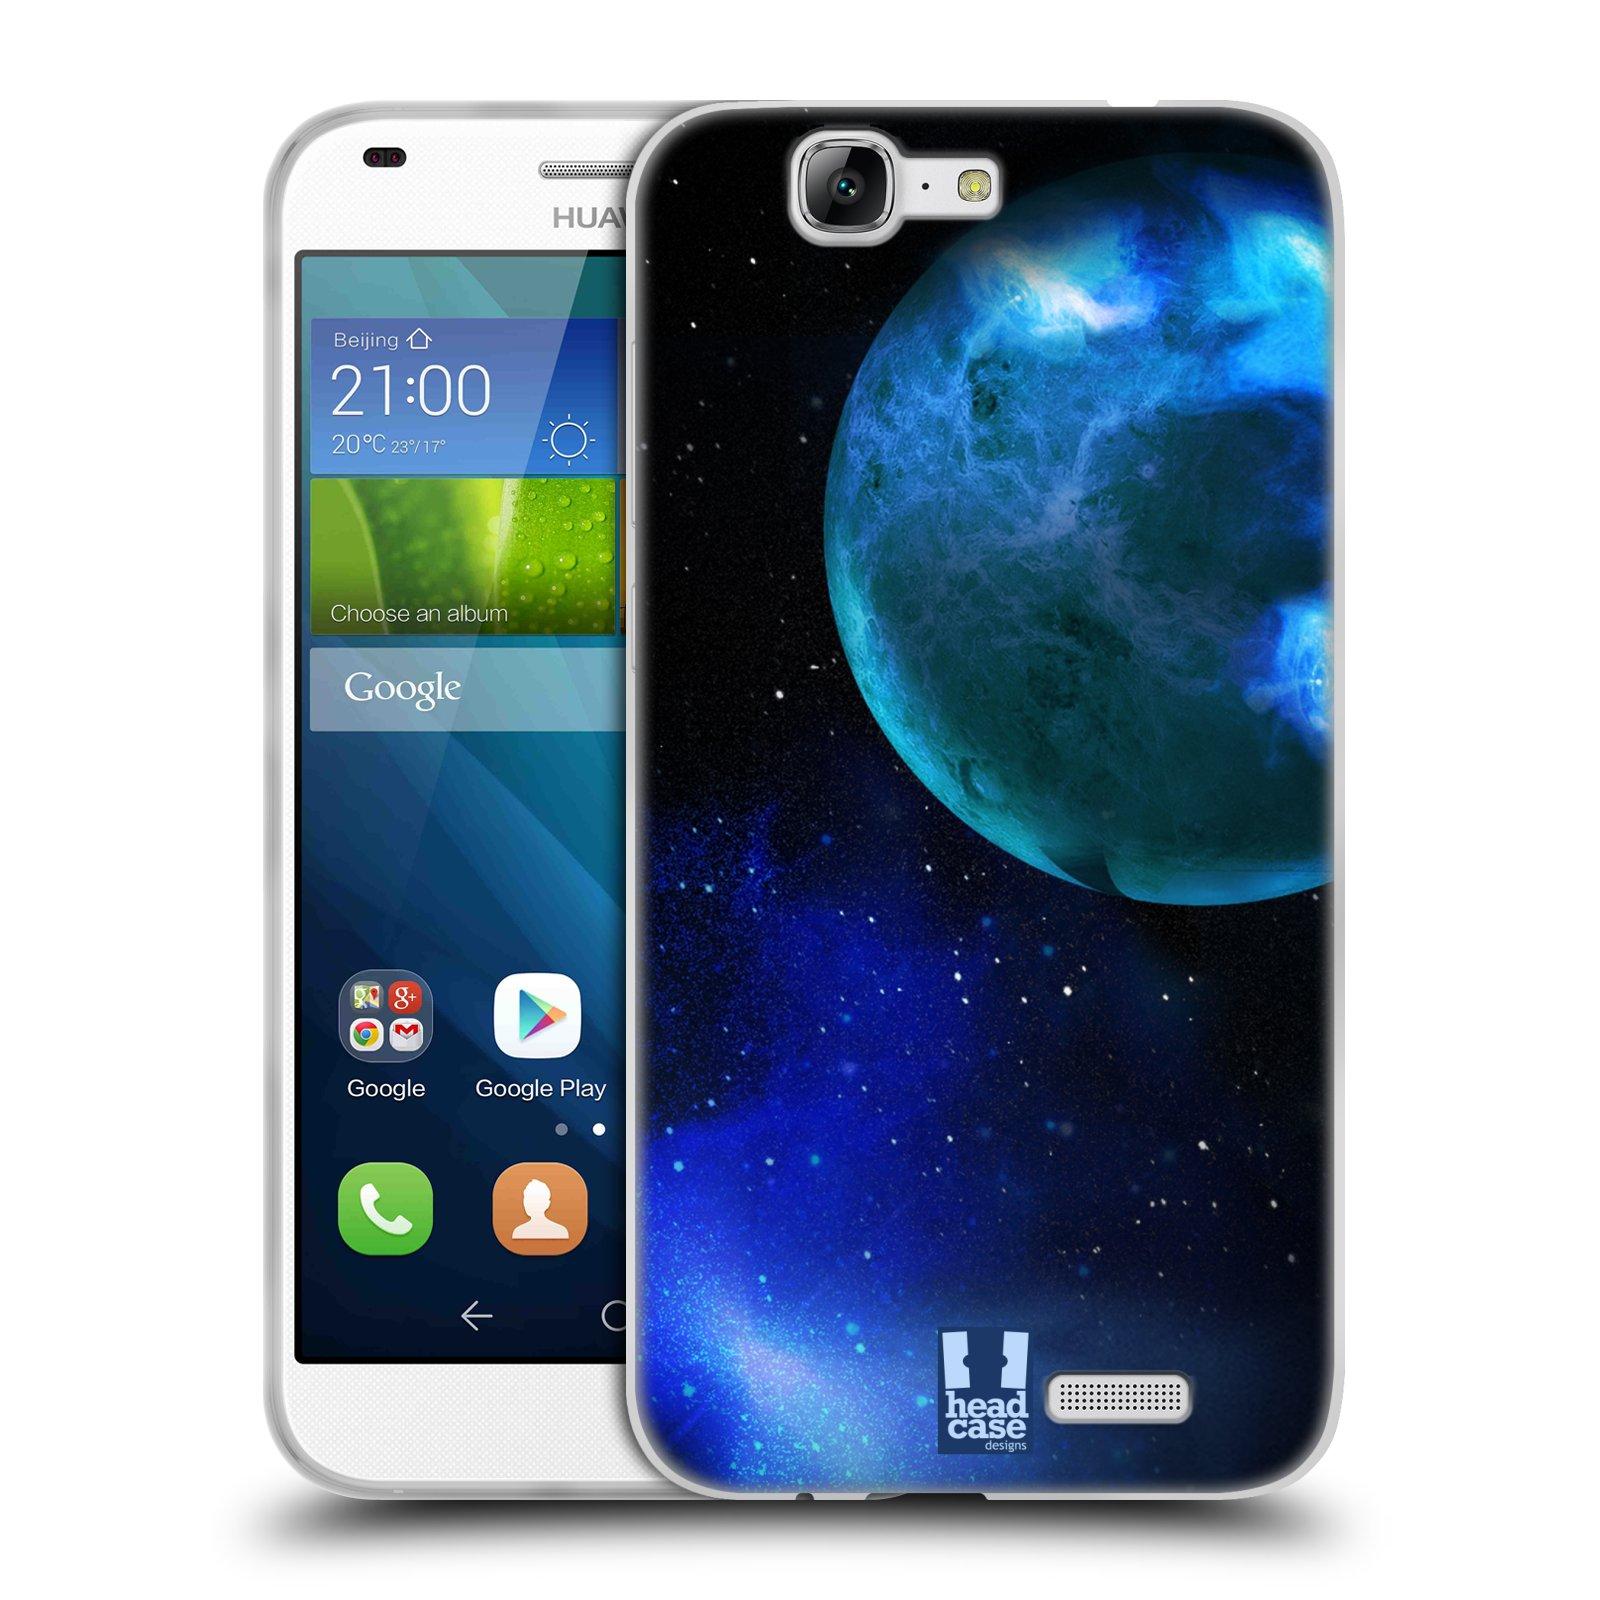 Silikonové pouzdro na mobil Huawei Ascend G7 HEAD CASE VENUŠE (Silikonový kryt či obal na mobilní telefon Huawei Ascend G7)